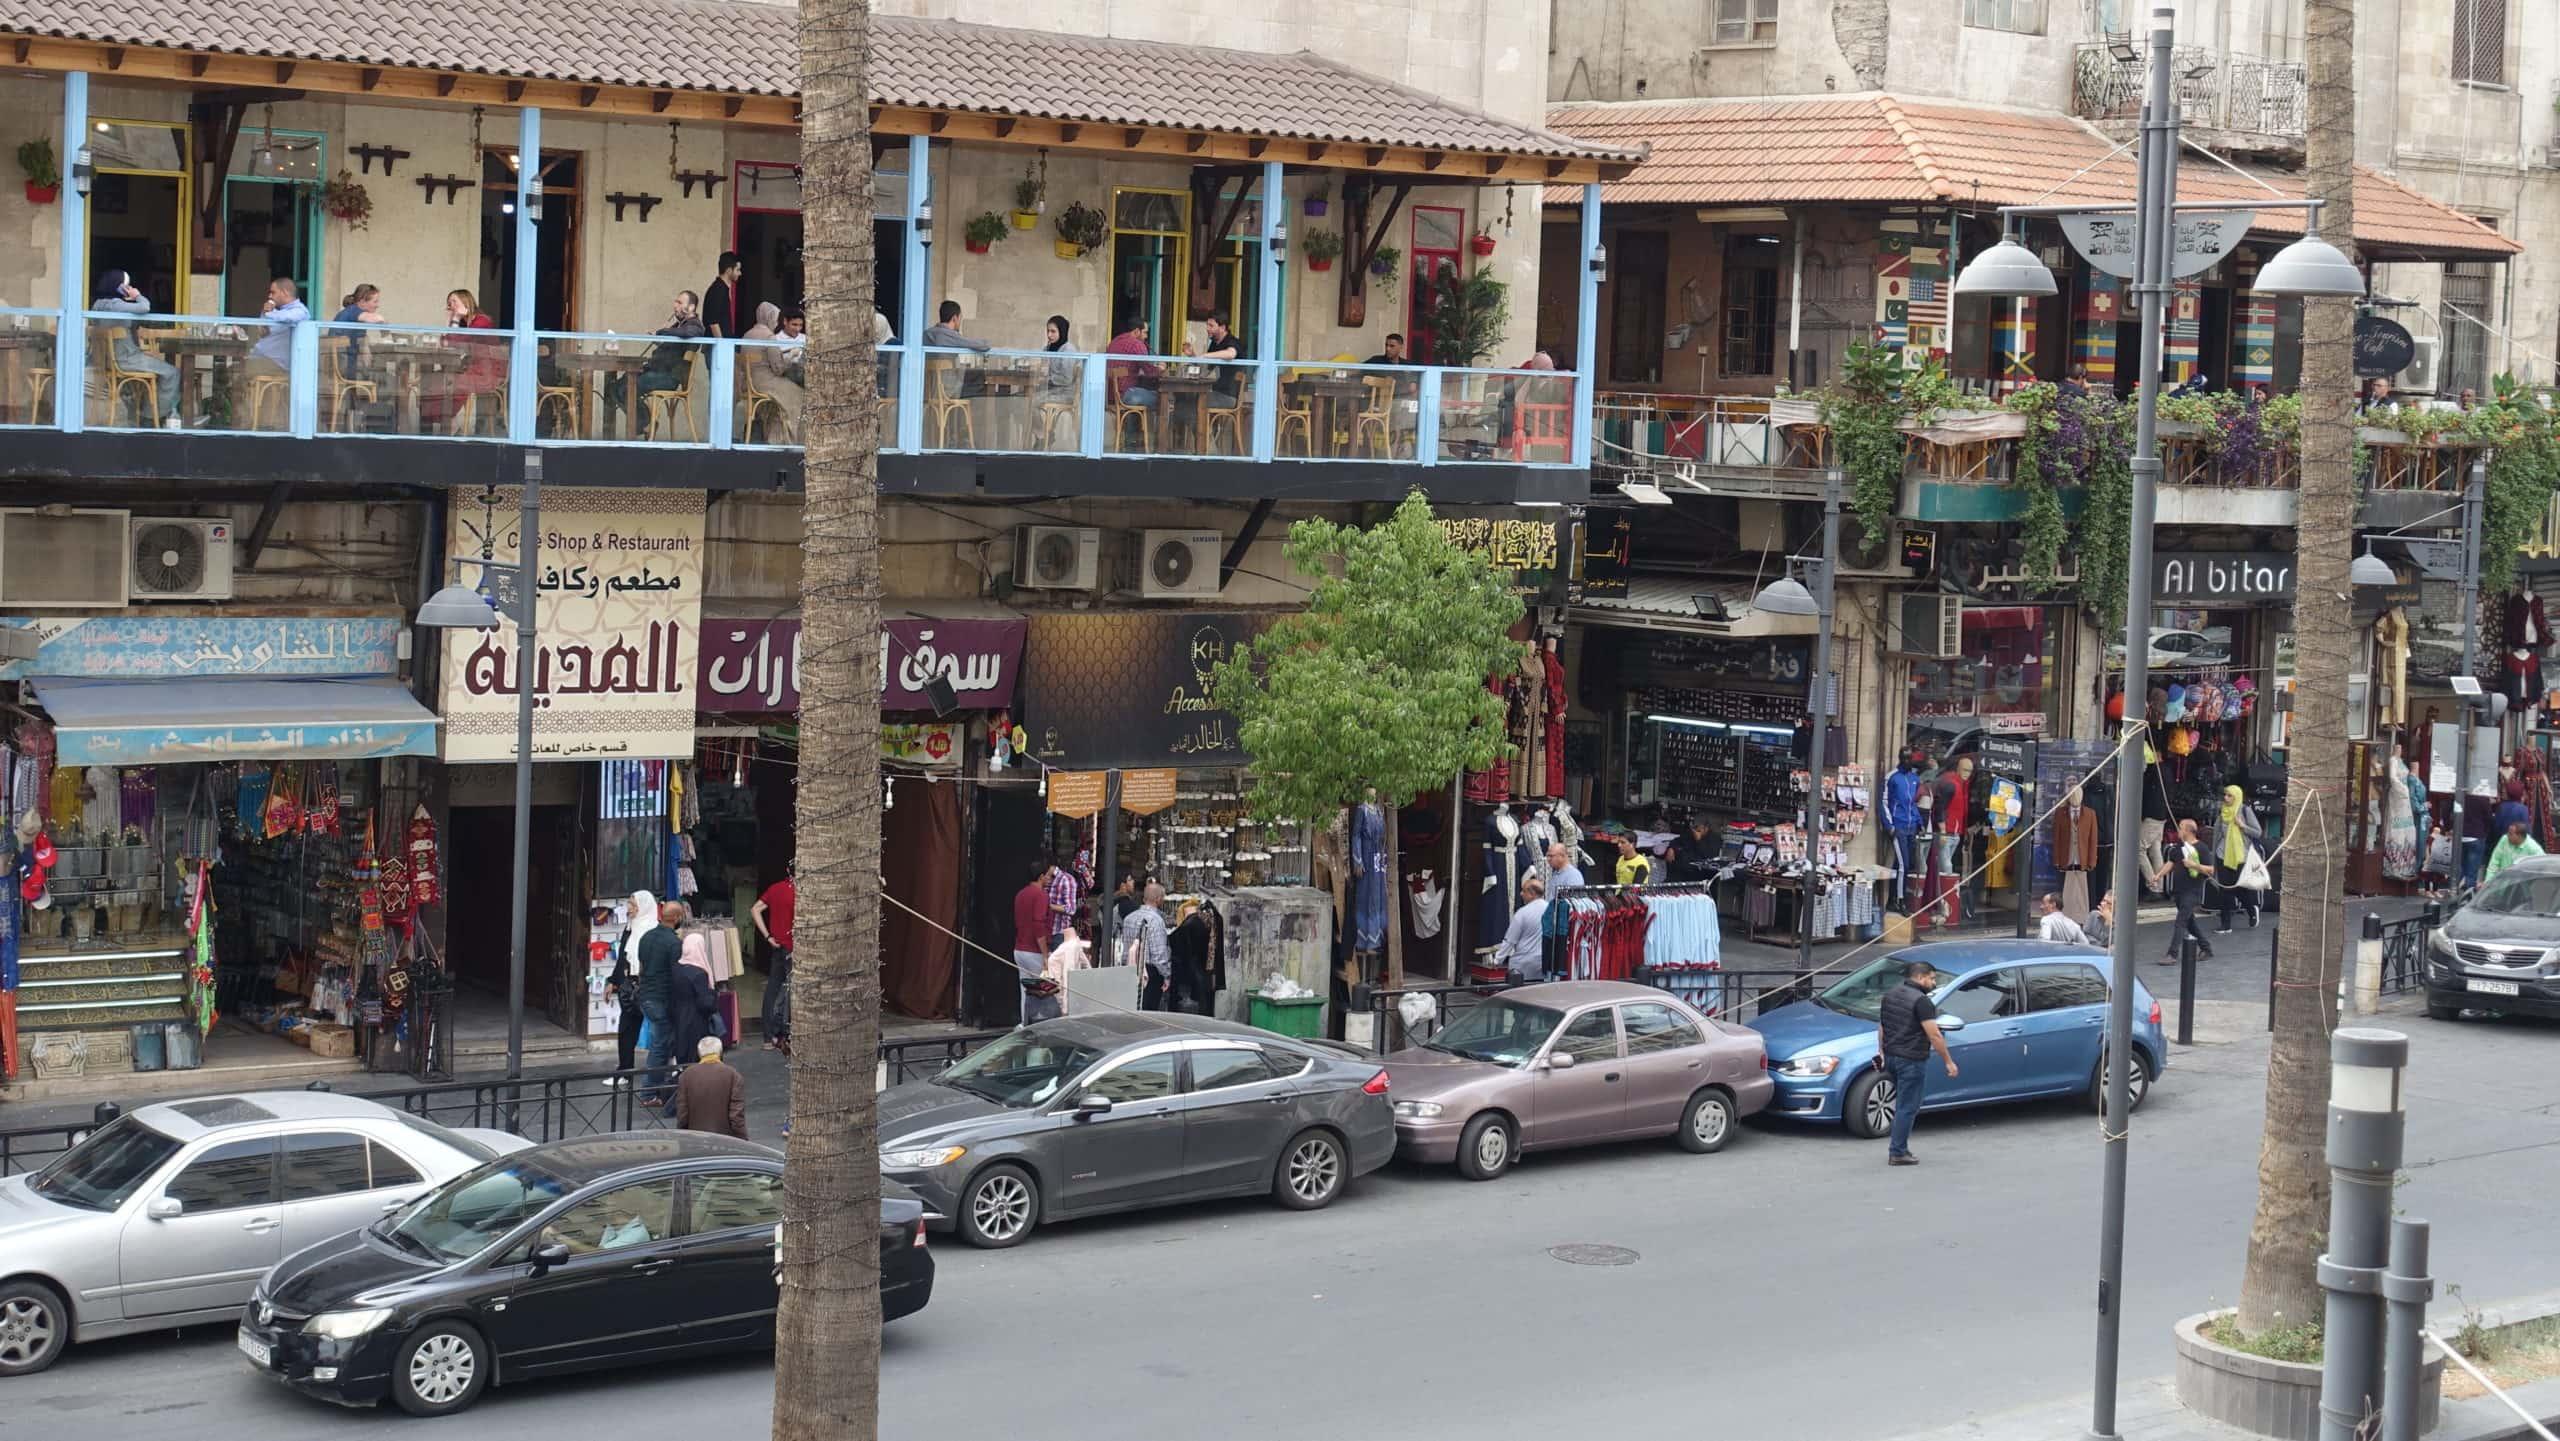 Straßenszene in Amman in Jordanien